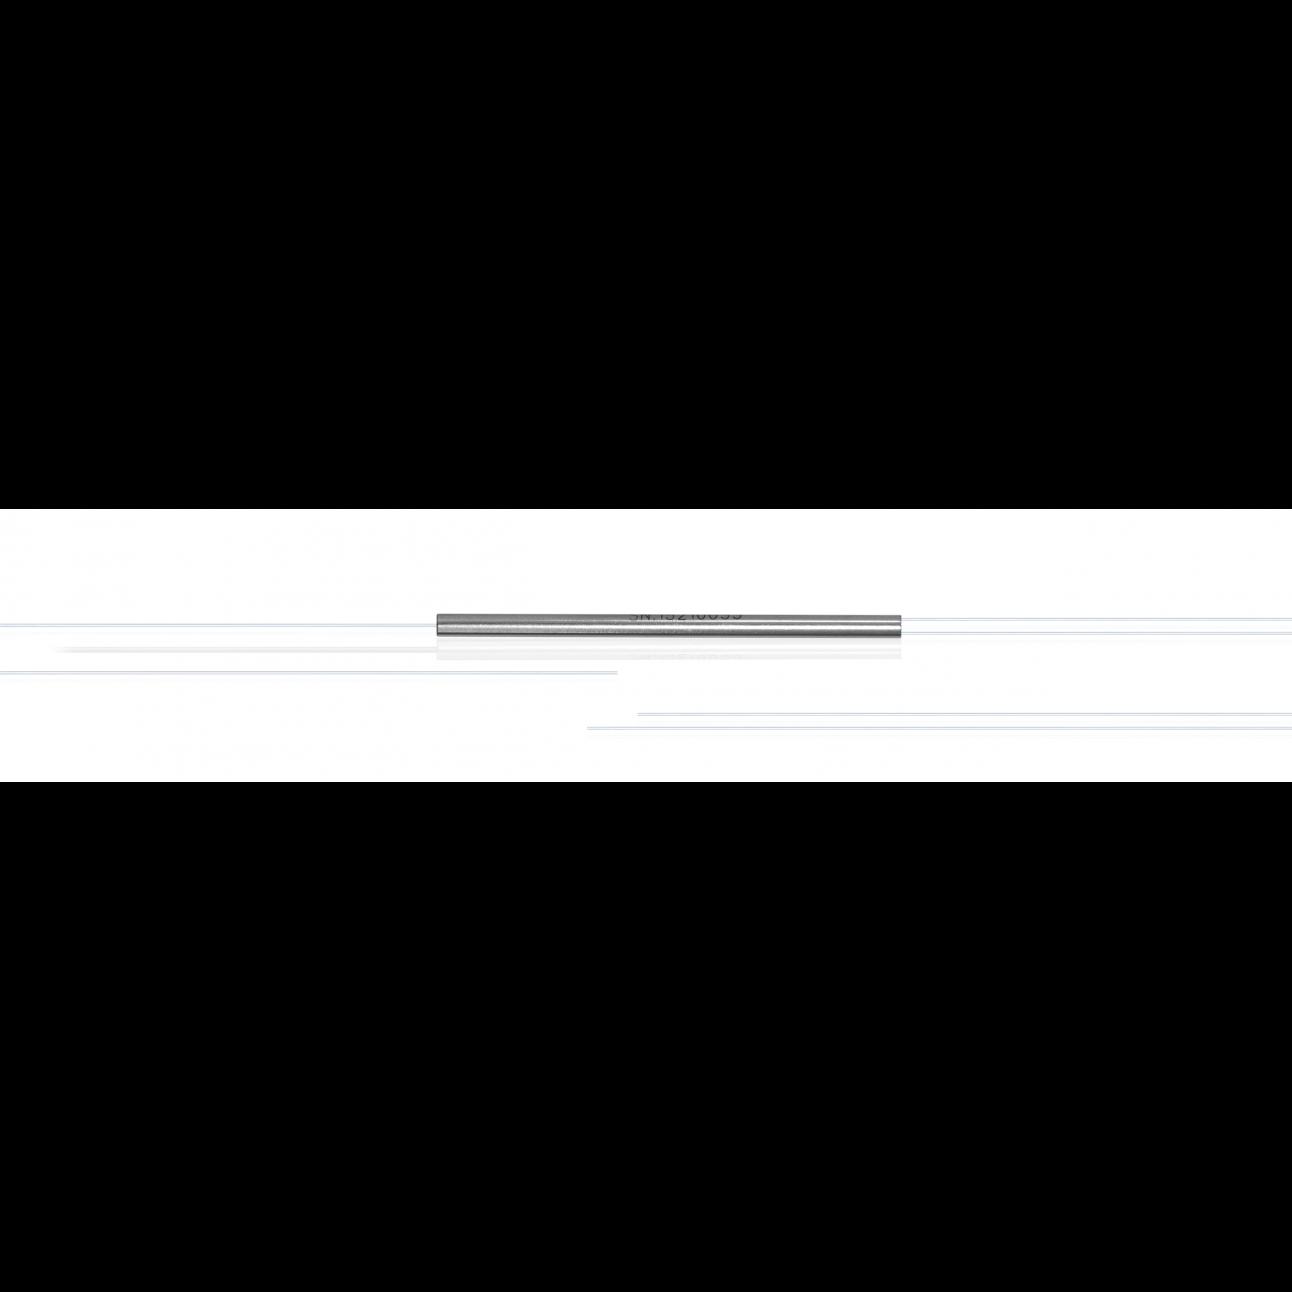 Делитель оптический бескорпусный буфер 225нм 1х2, 20/80, B-Optics (комплект из 2 шт.)